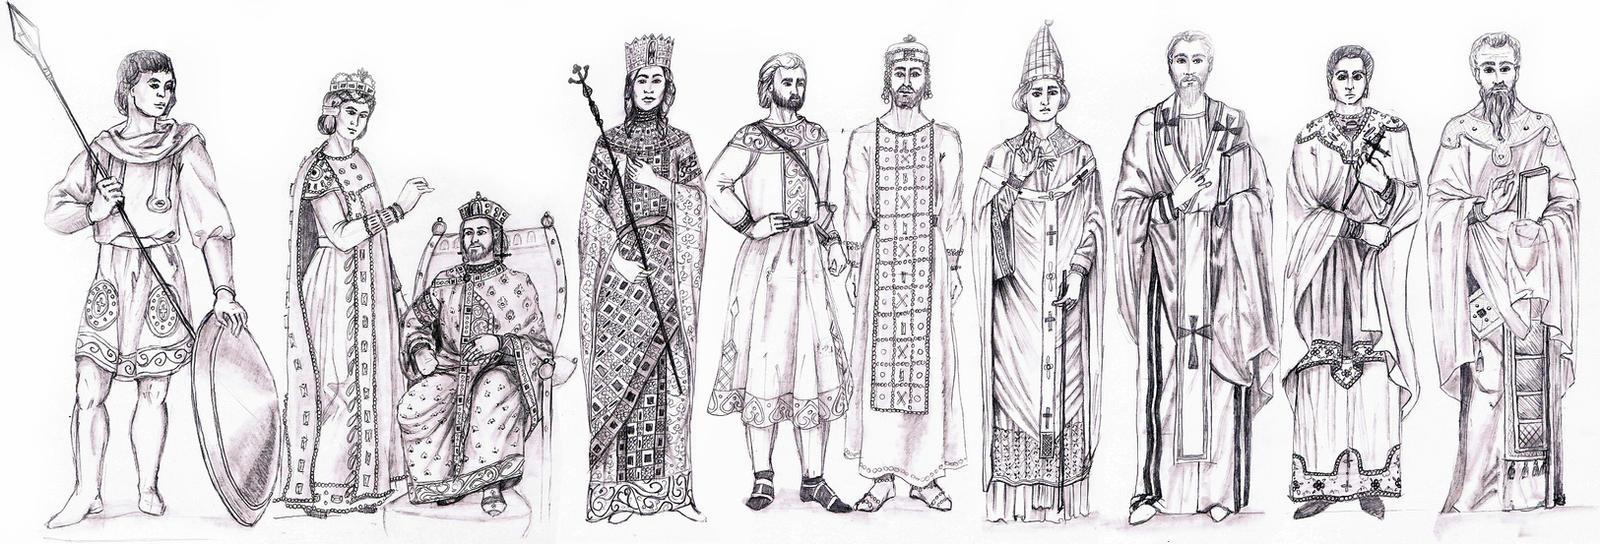 BYZANTINE EMPIRE- Fashion History Study by FashionARTventures